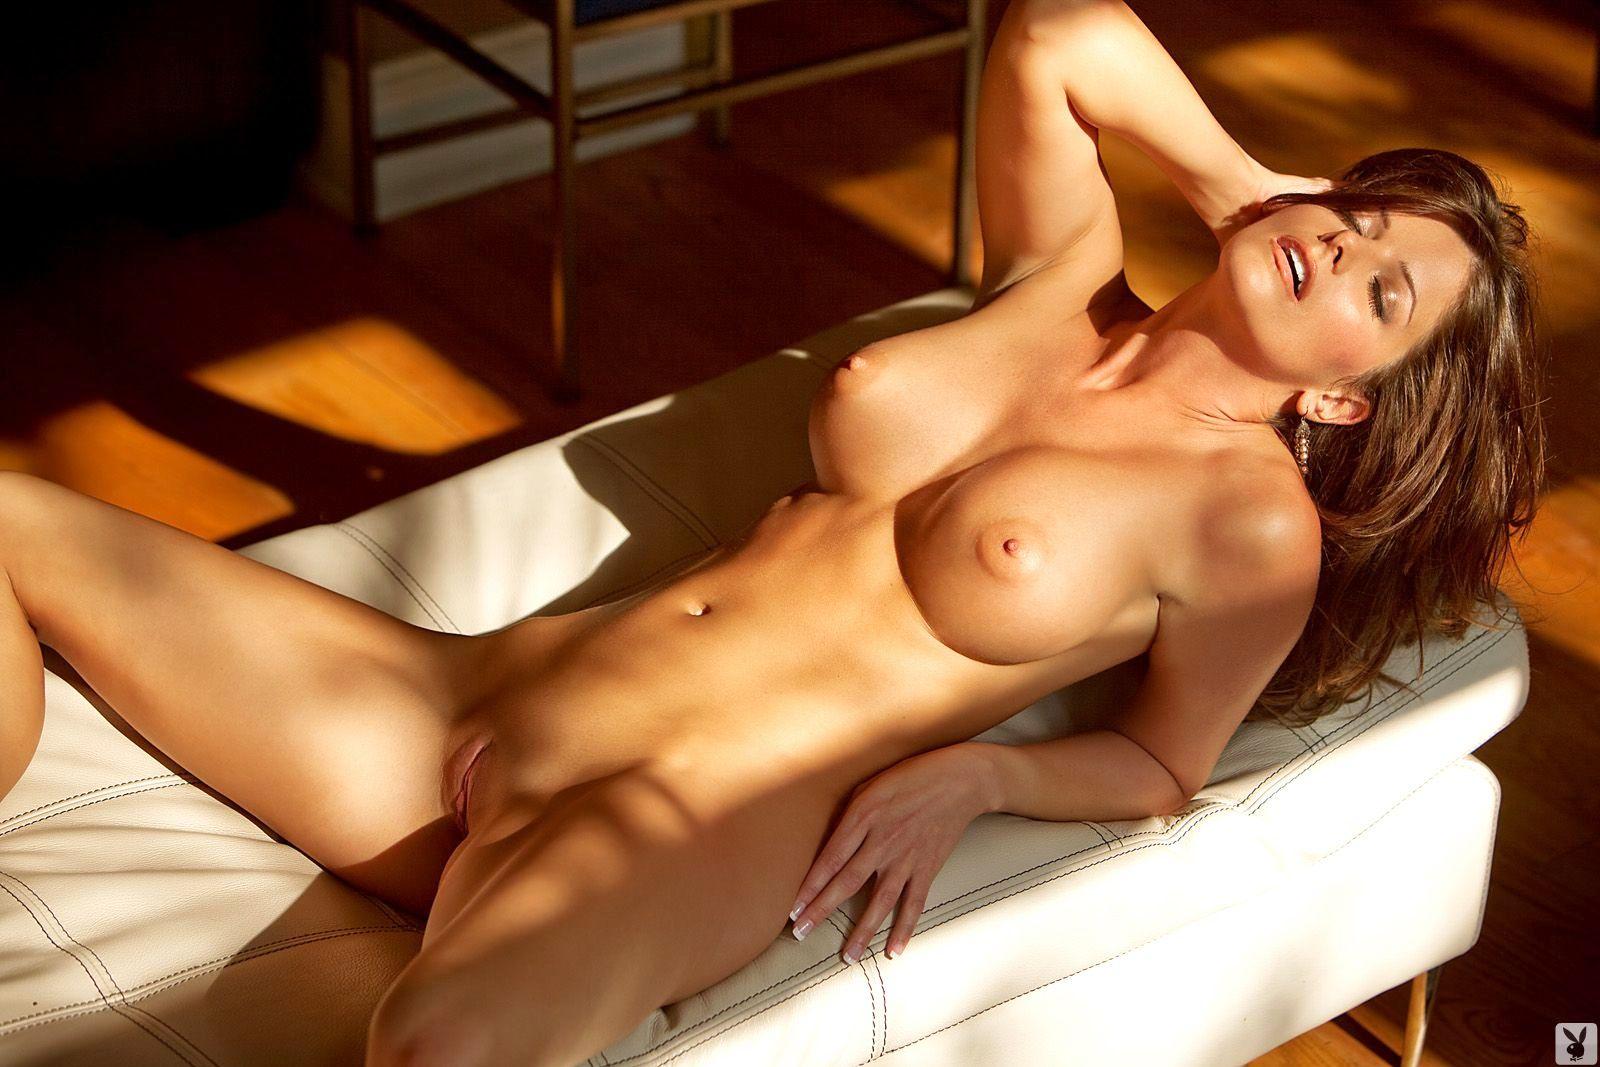 Rebecca dipietro nude